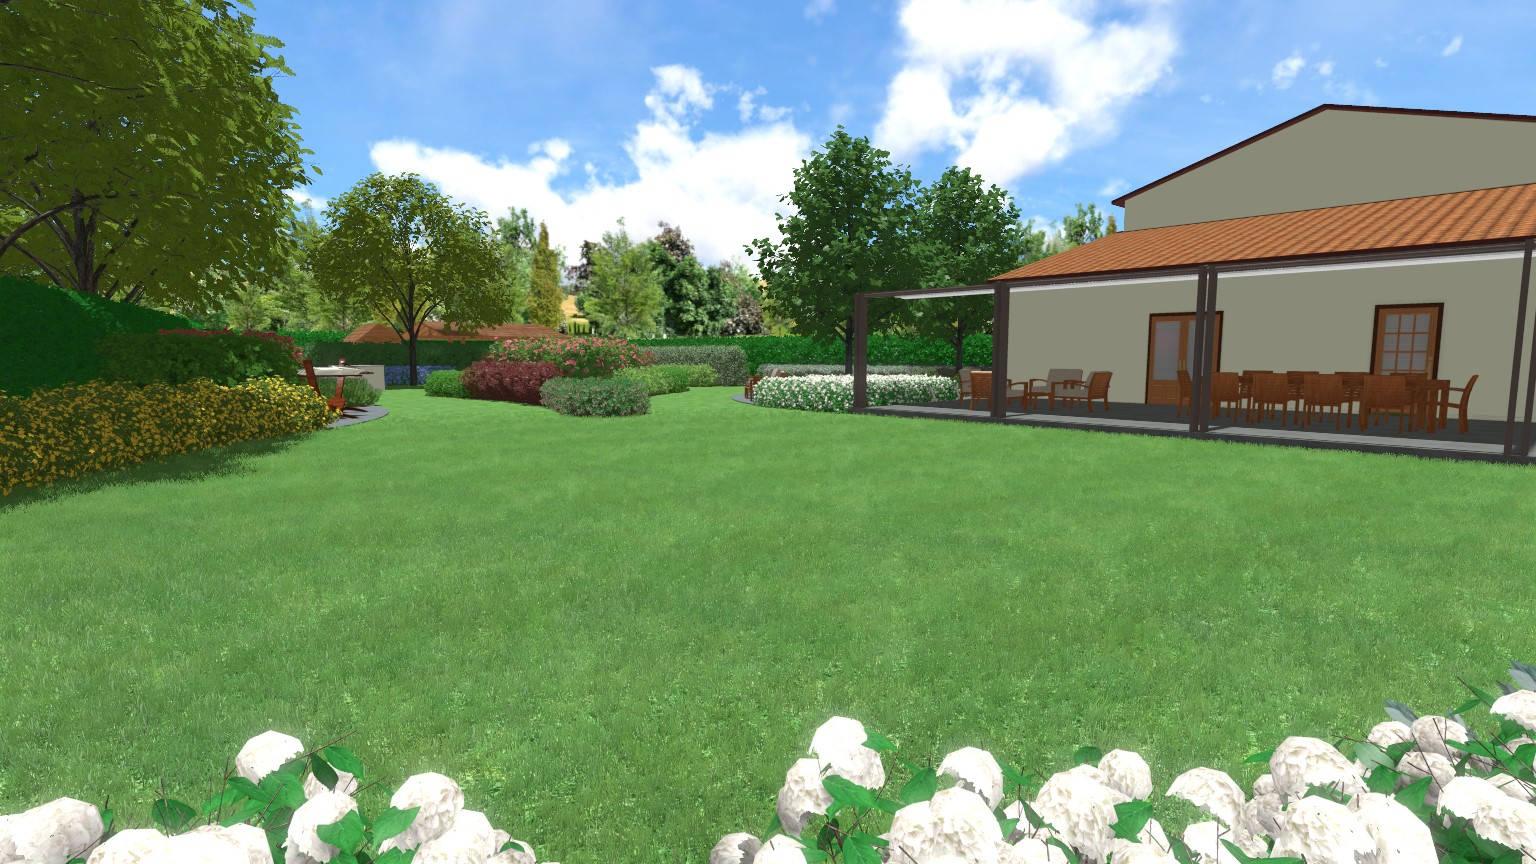 Progettazione-giardino-a-Pistoia-7